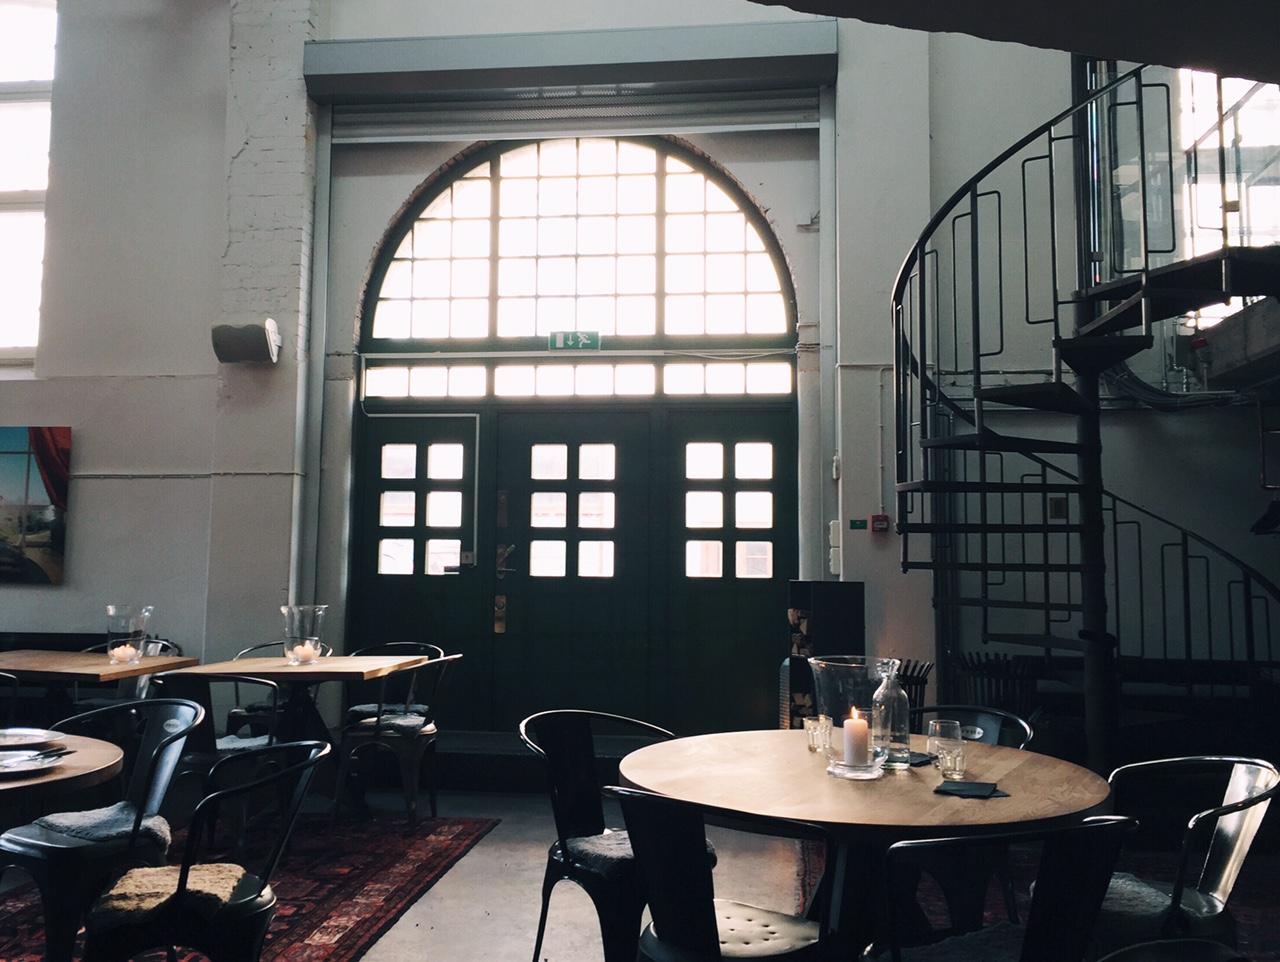 Restaurang Tegel, bord stort fint ljusinläpp